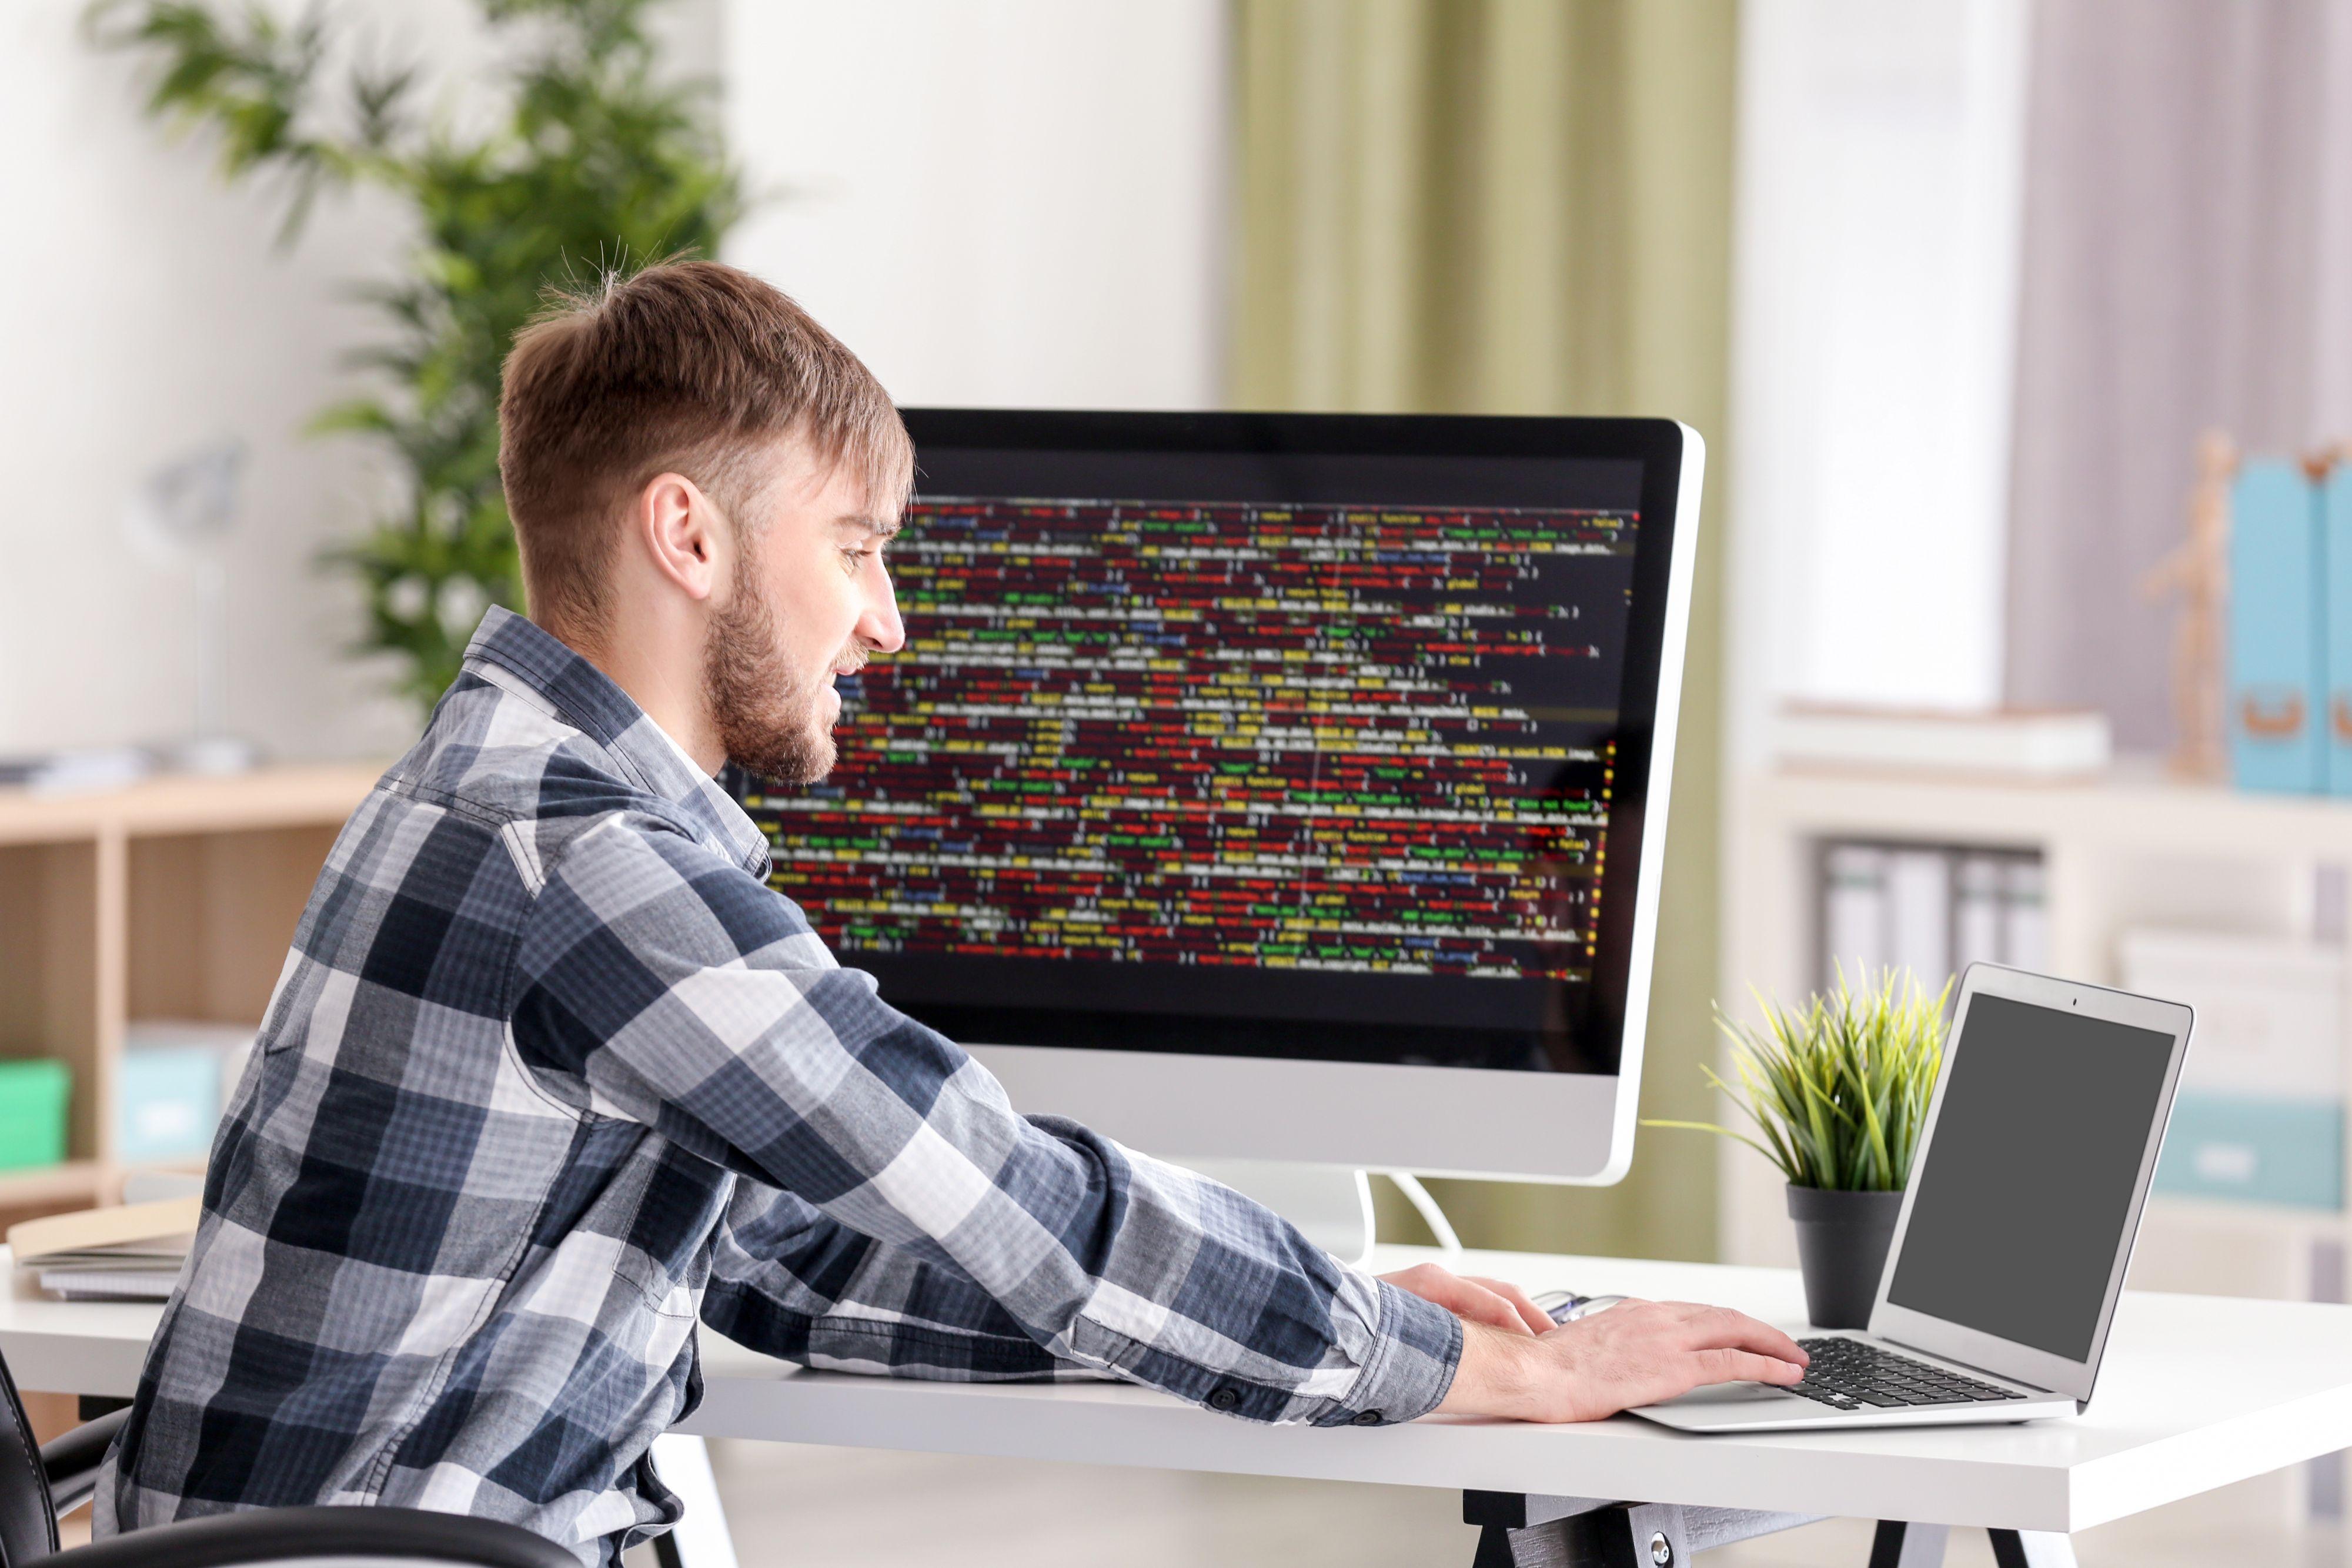 Z raportu inhire.io wynika, że firmy oferują juniorom zarobki w wysokości niemal 8 500 zł w systemie pracy stacjonarnej oraz 8 667 zł dla pracujących zdalnie (Fot. Shutterstock)